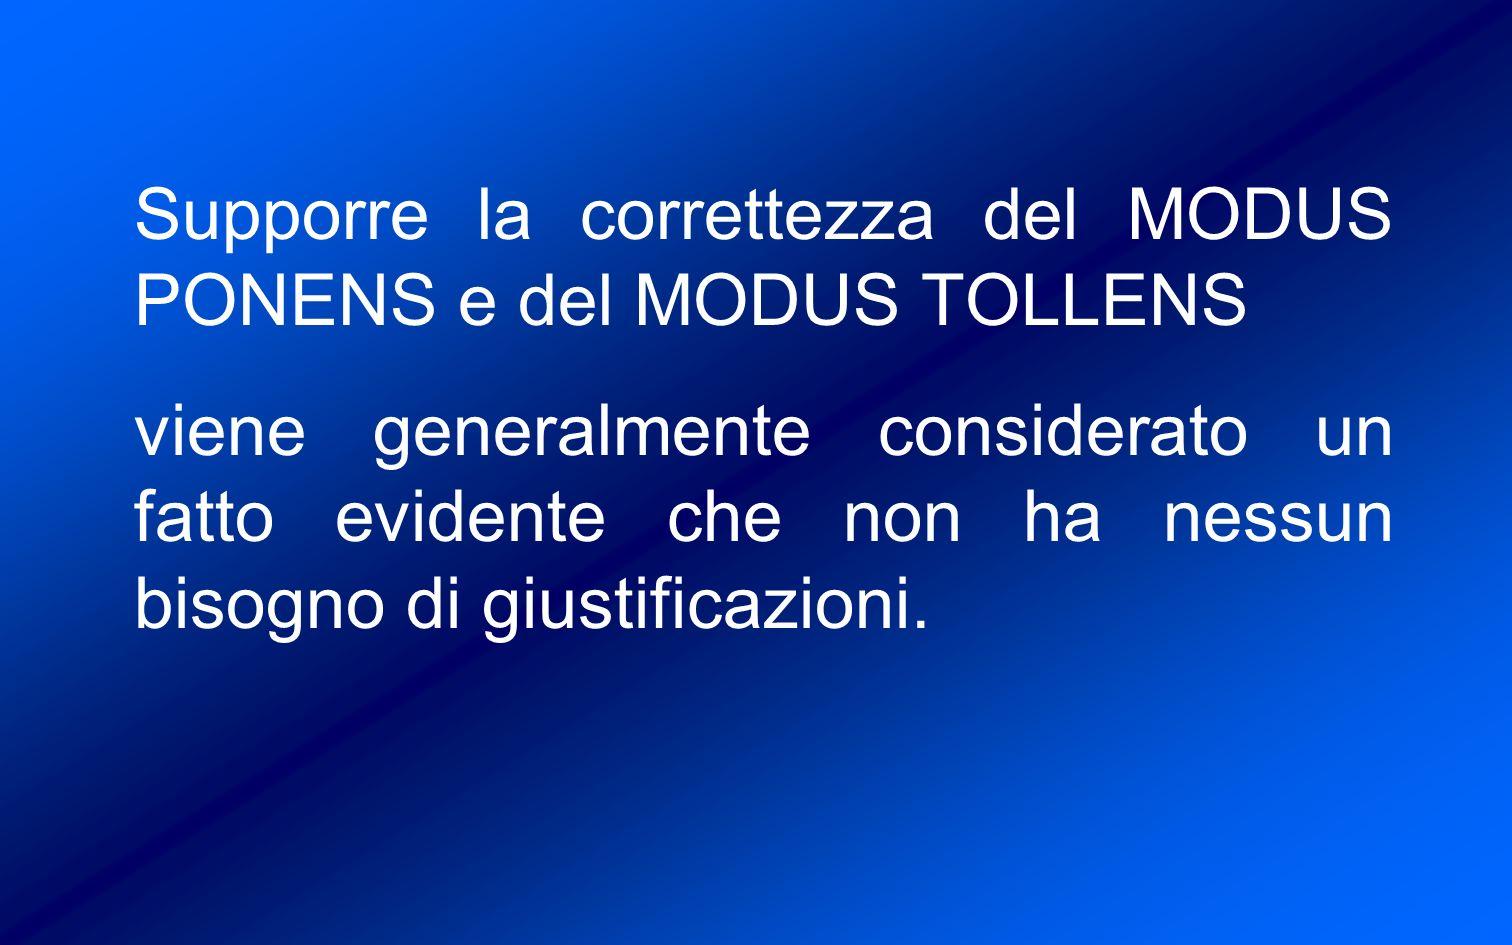 Supporre la correttezza del MODUS PONENS e del MODUS TOLLENS viene generalmente considerato un fatto evidente che non ha nessun bisogno di giustificazioni.